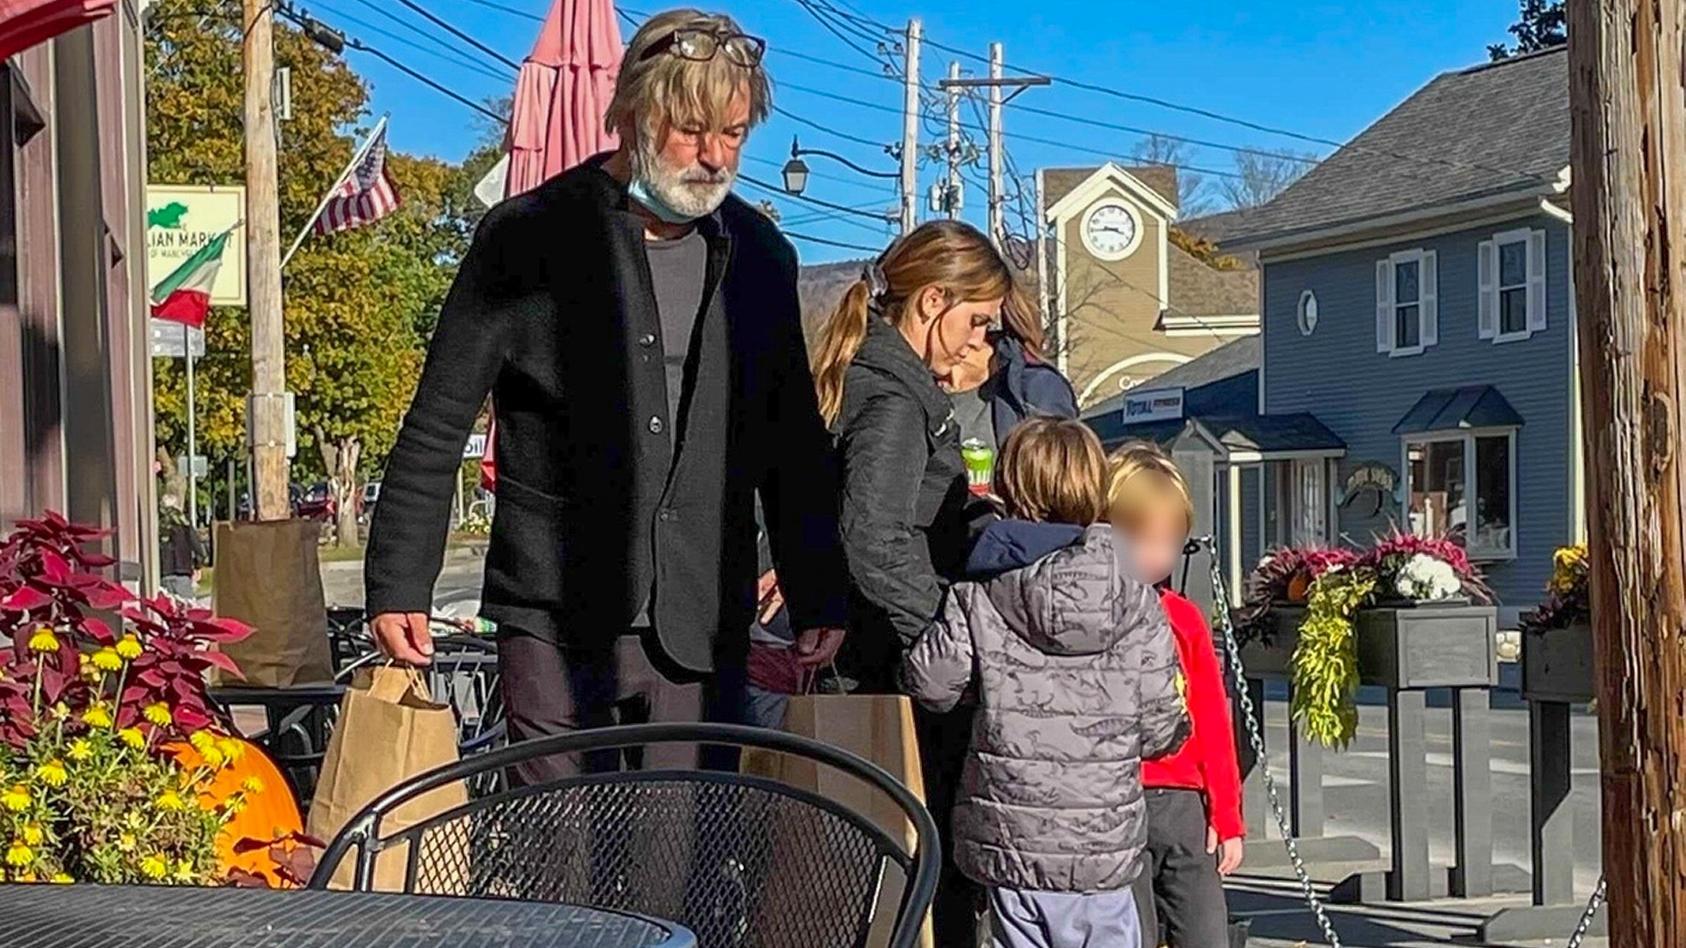 Neues Bild aufgetaucht - Nach Todesschuss: Alec Baldwins Familie gibt ihm Halt